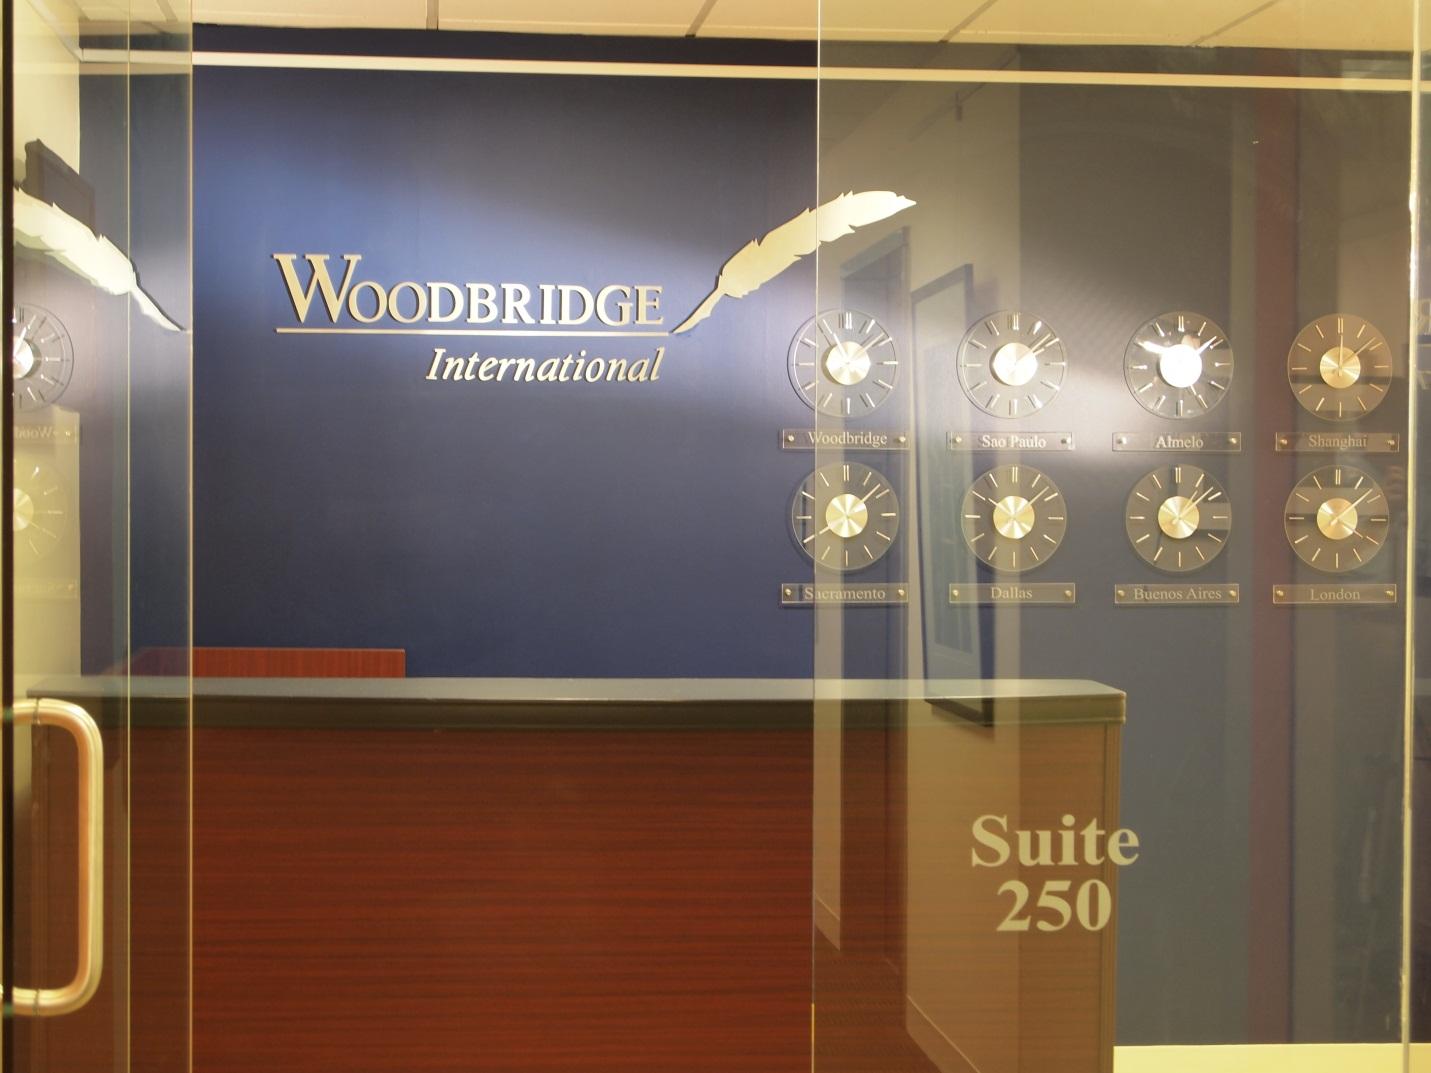 Woodbridge International image 2